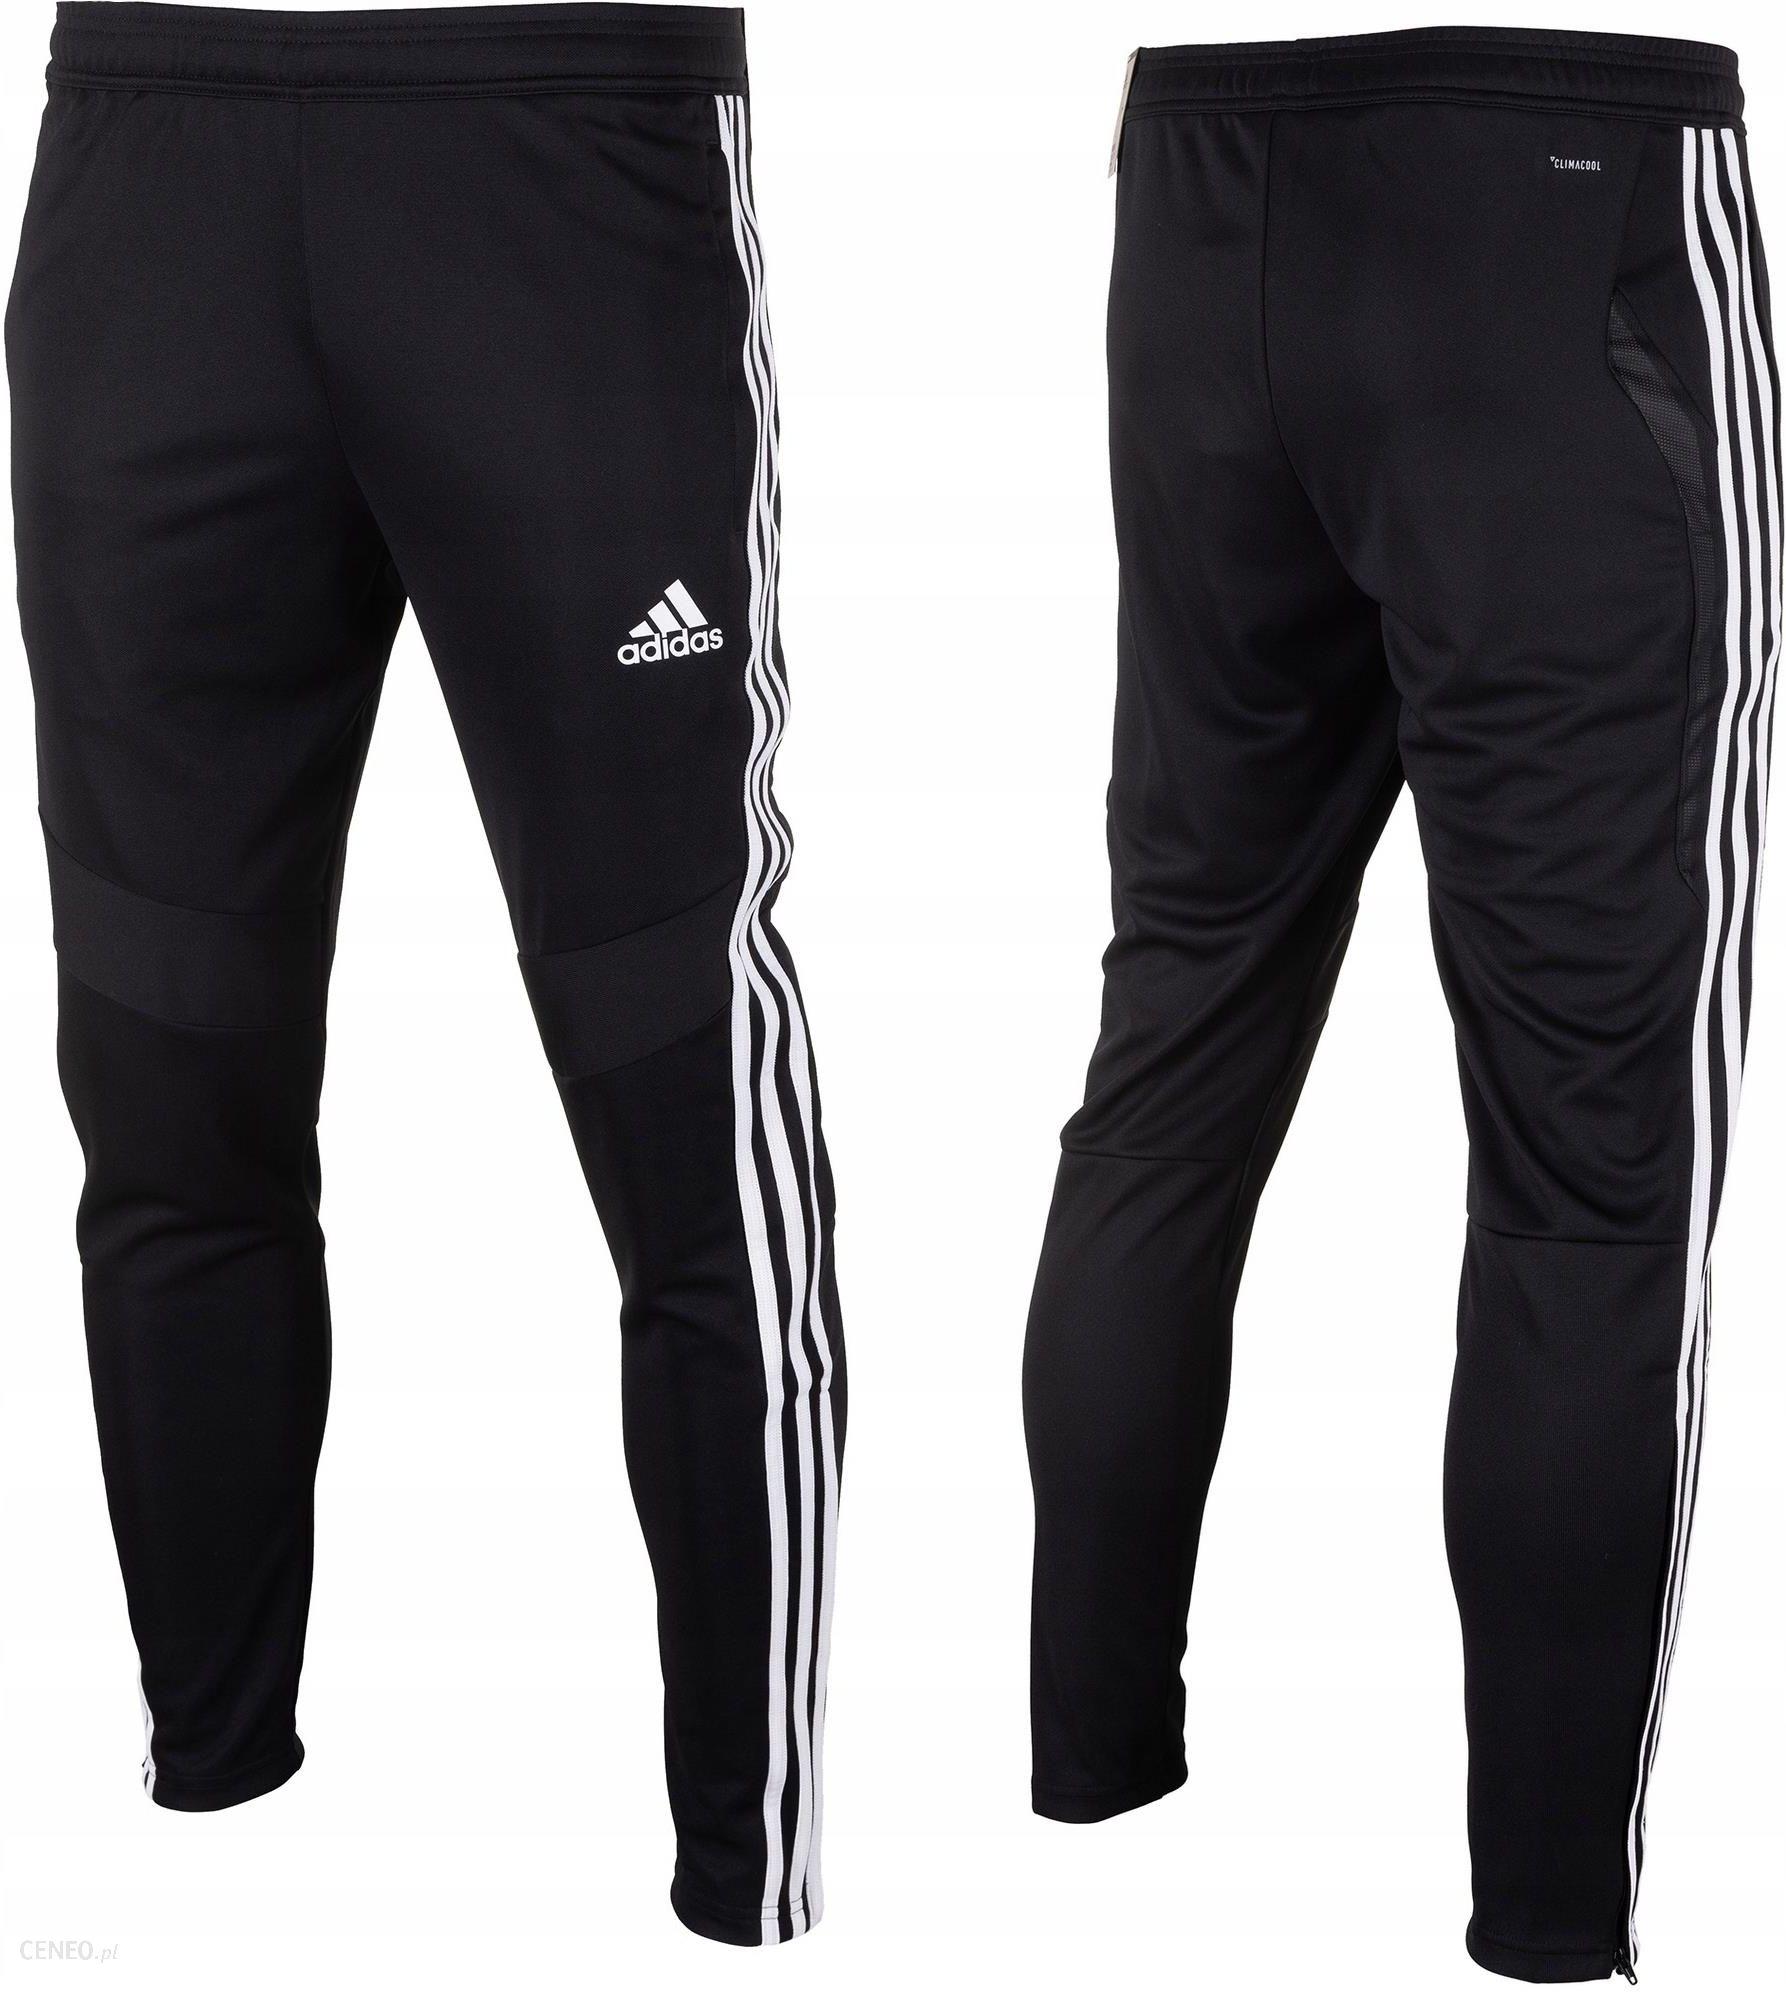 Adidas spodnie dresowe dresy męskie TIRO 19 XL Ceny i opinie Ceneo.pl